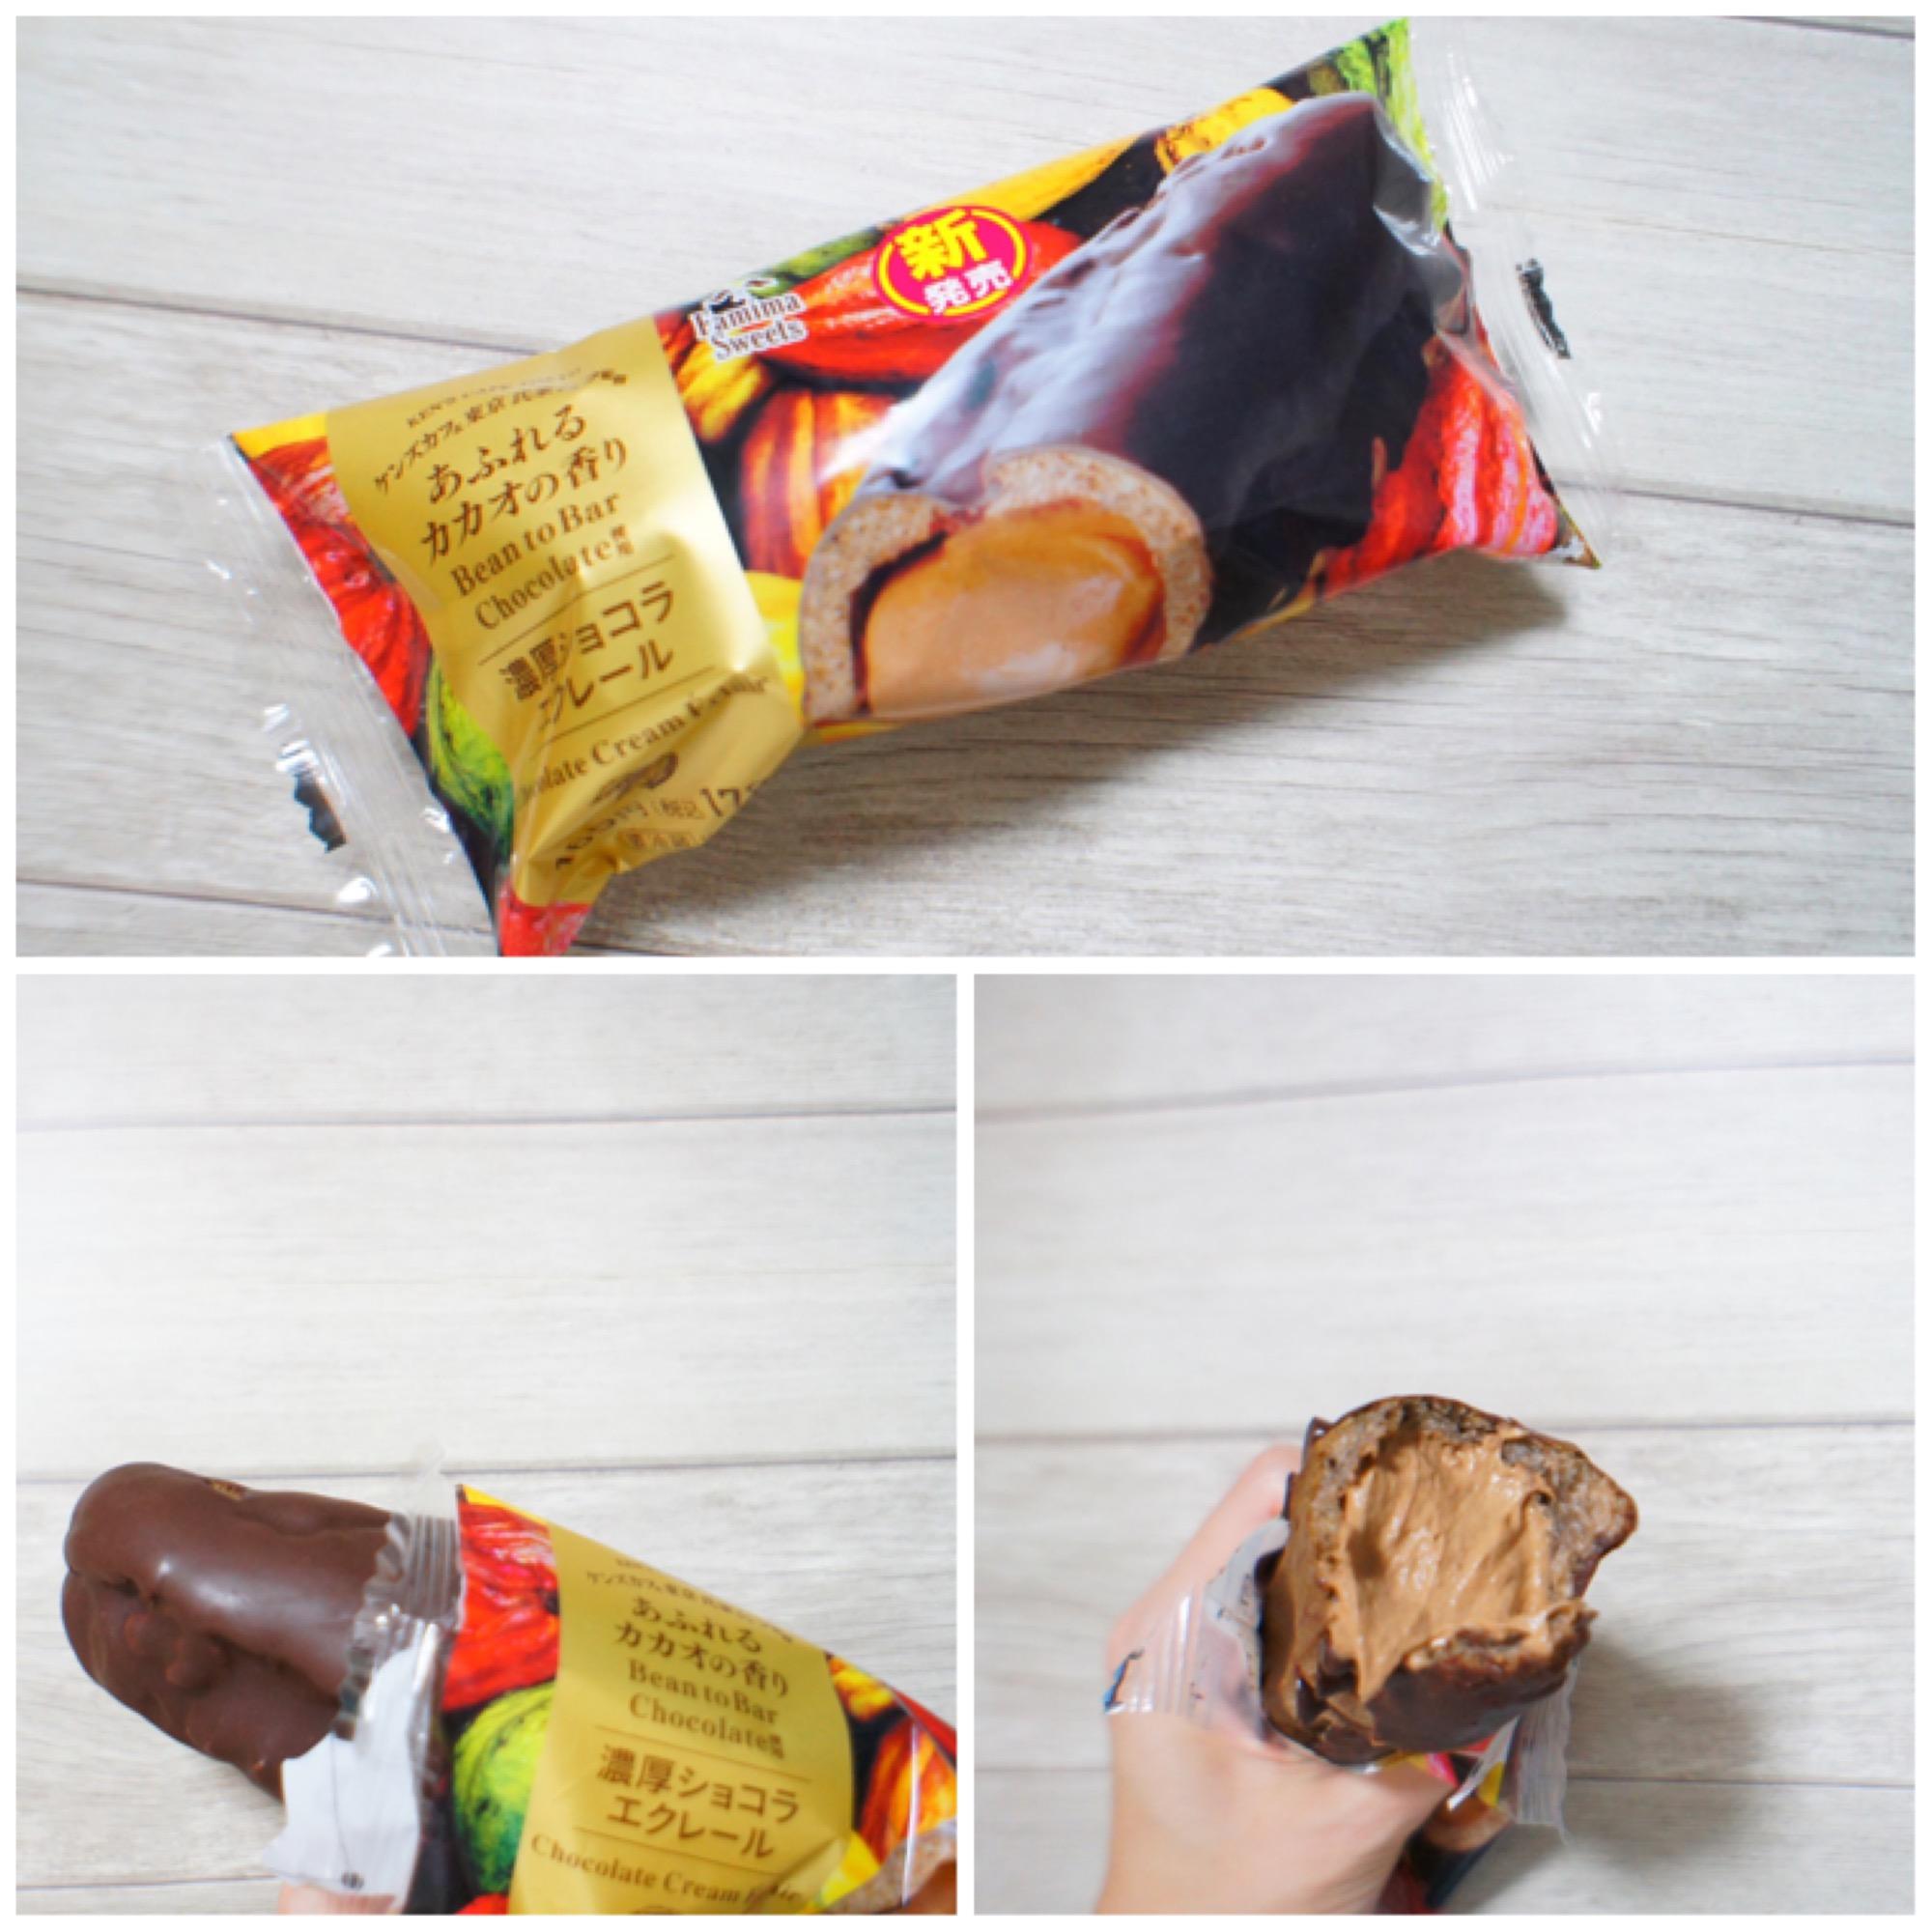 《ファミマ本気のチョコスイーツが大豊作❤️》絶対食べたい!今週発売の【コンビニスイーツ】まとめ☻_3